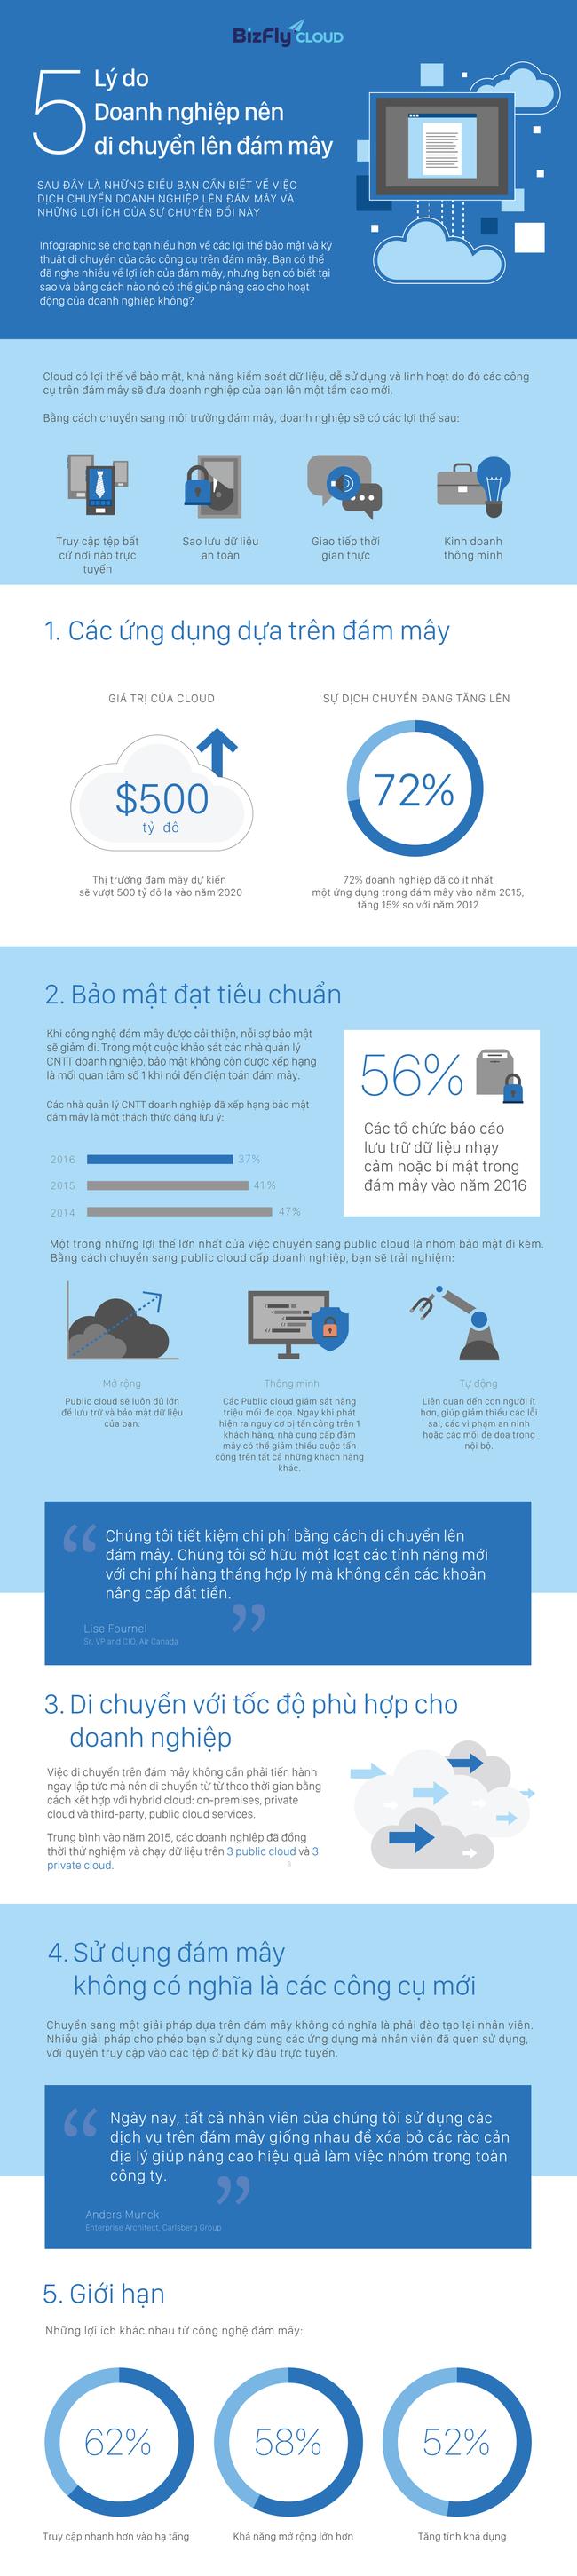 [Infographic] - 5 lý do doanh nghiệp nên di chuyển lên đám mây - Ảnh 1.